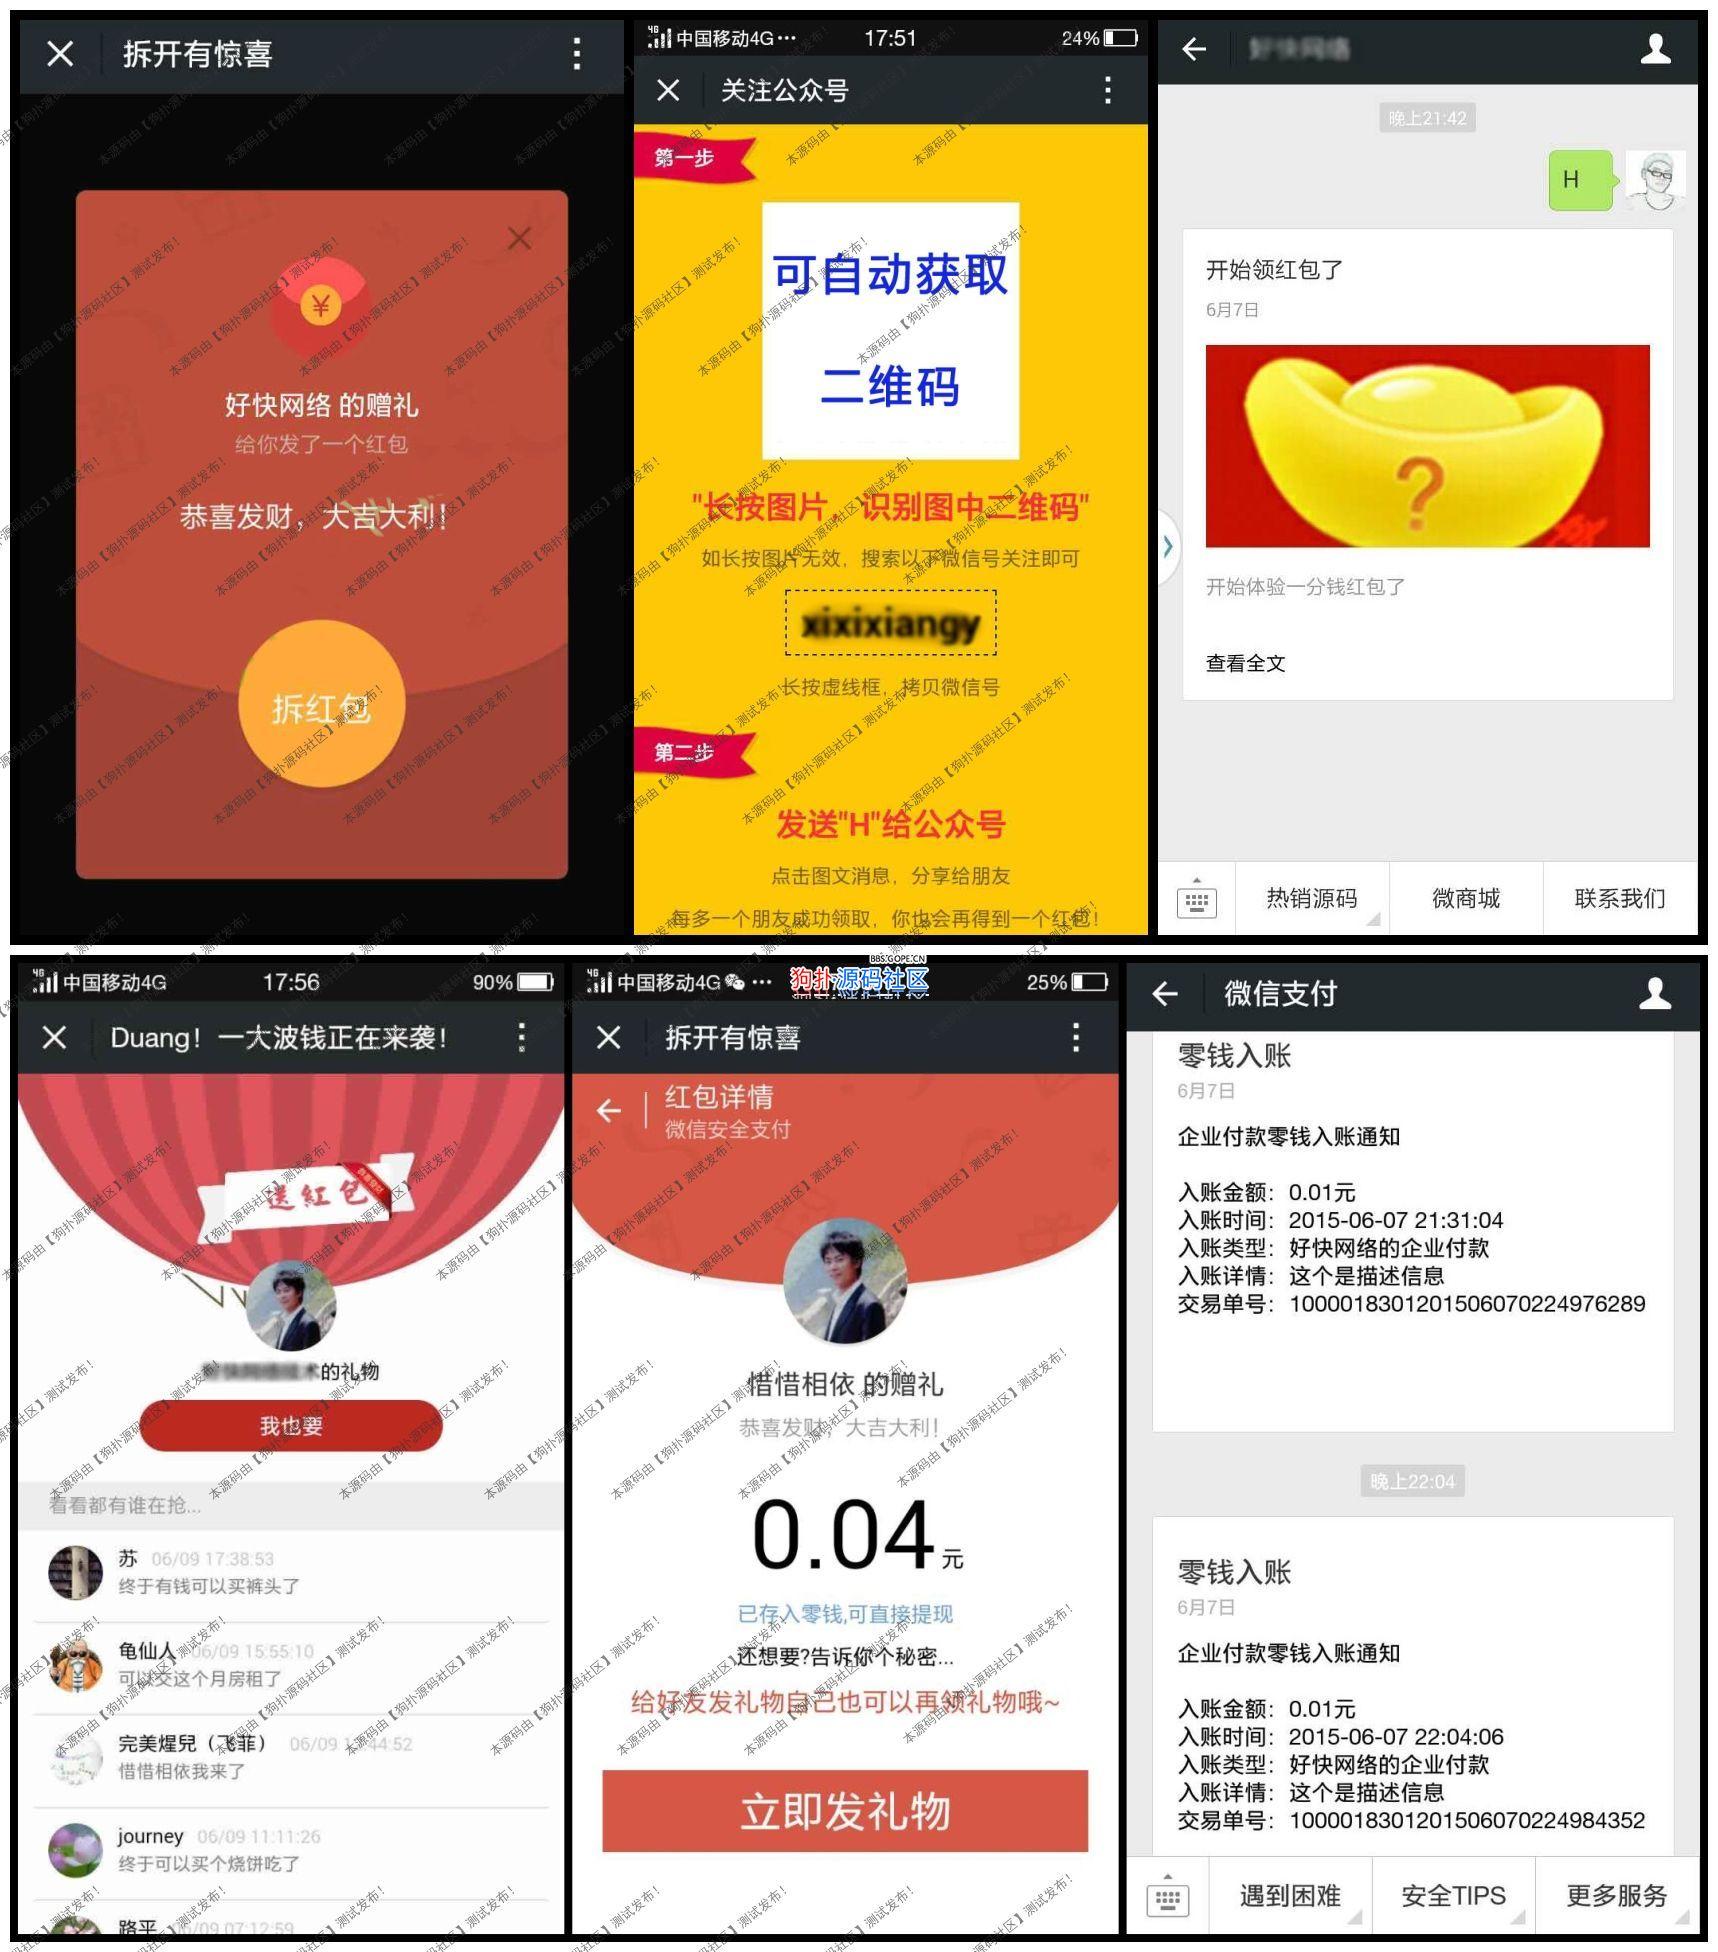 最新微信红包高级版源码 微信红包1分钱源码开源版,营销利器+红包广告+朋友圈分享